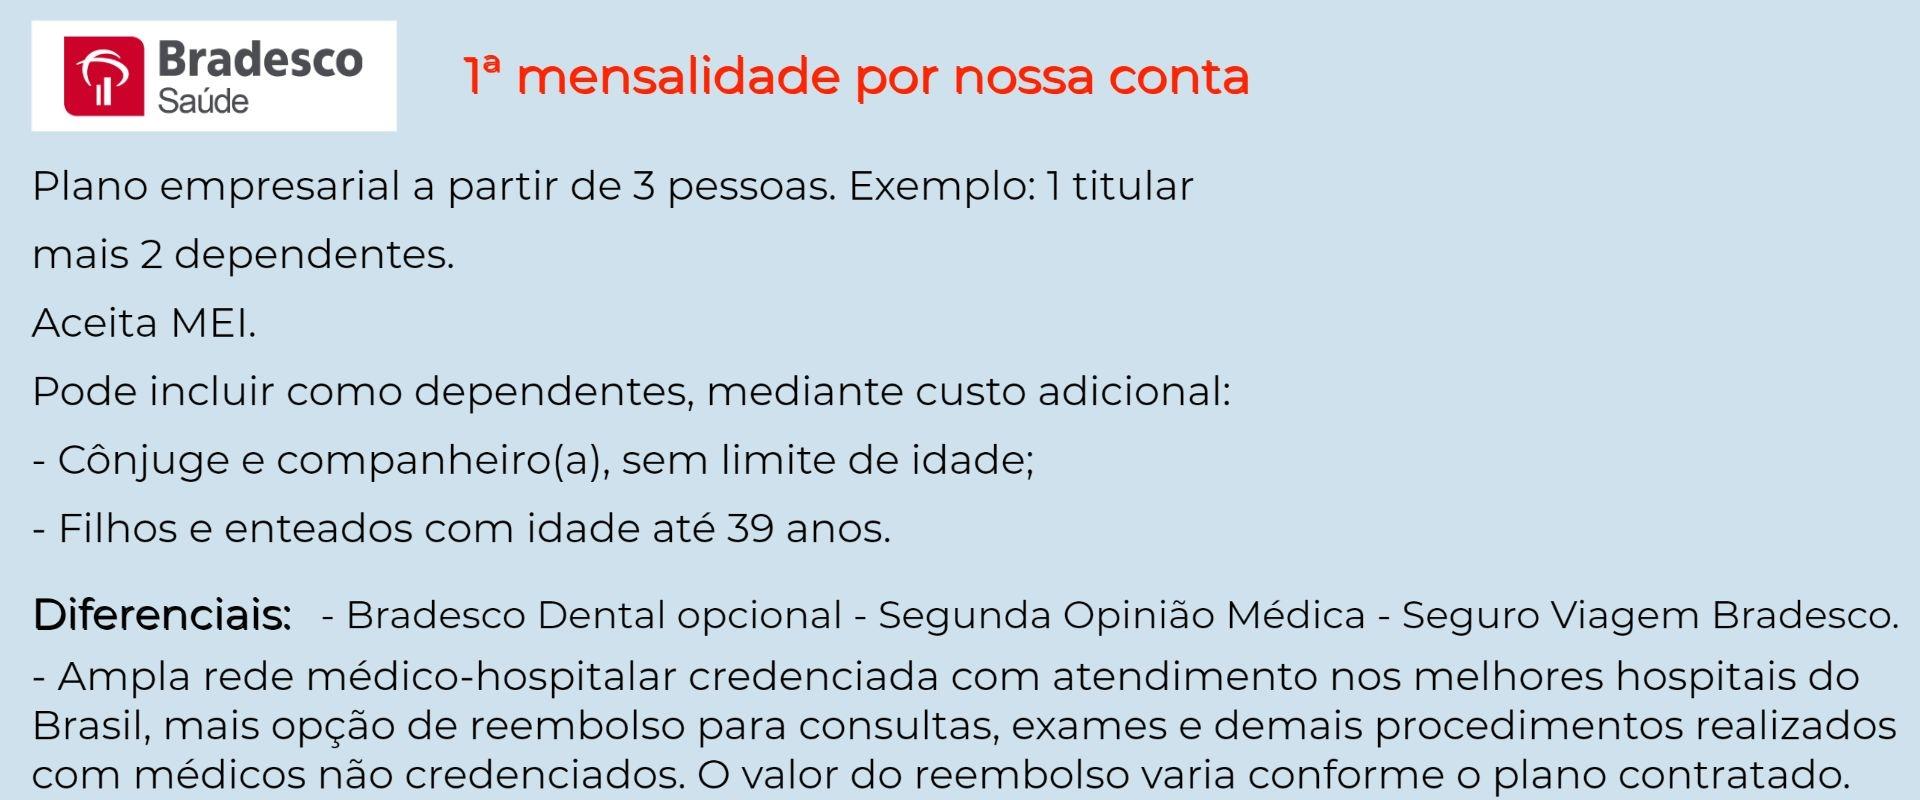 Bradesco Saúde Empresarial - Serrana